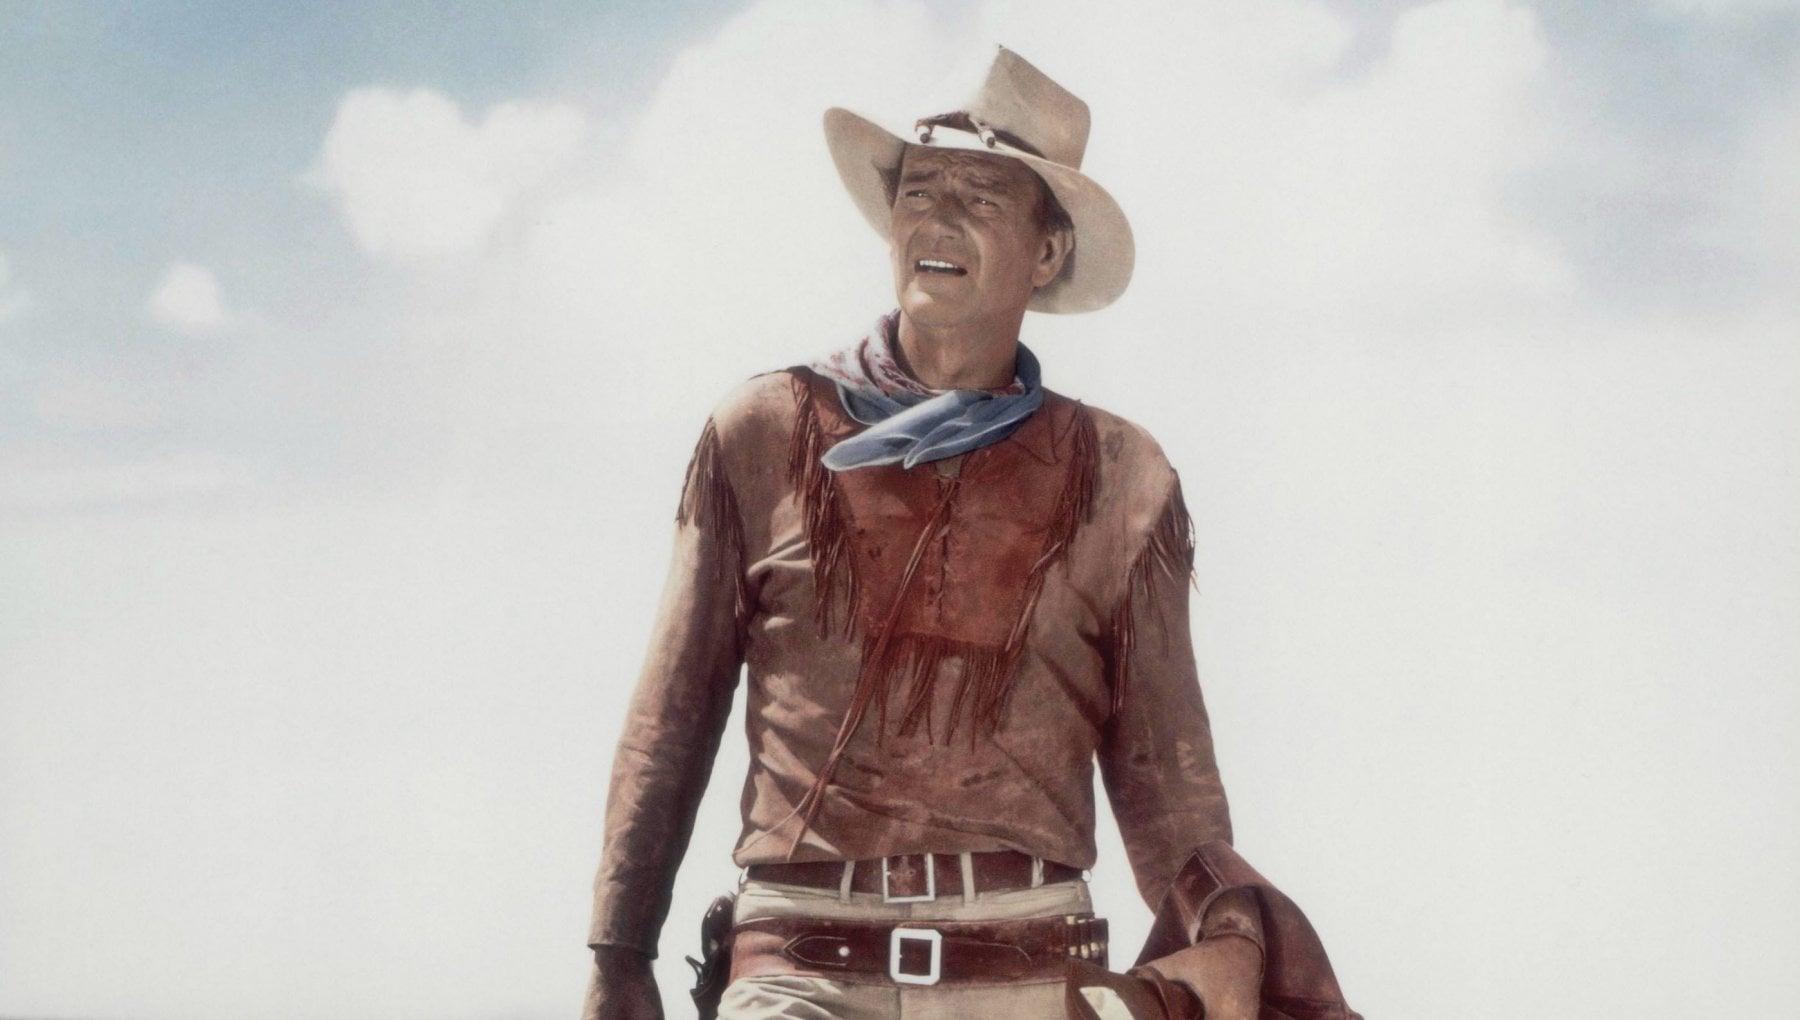 John Wayne il repubblicano dalla schiena dritta che non avrebbe appoggiato Trump